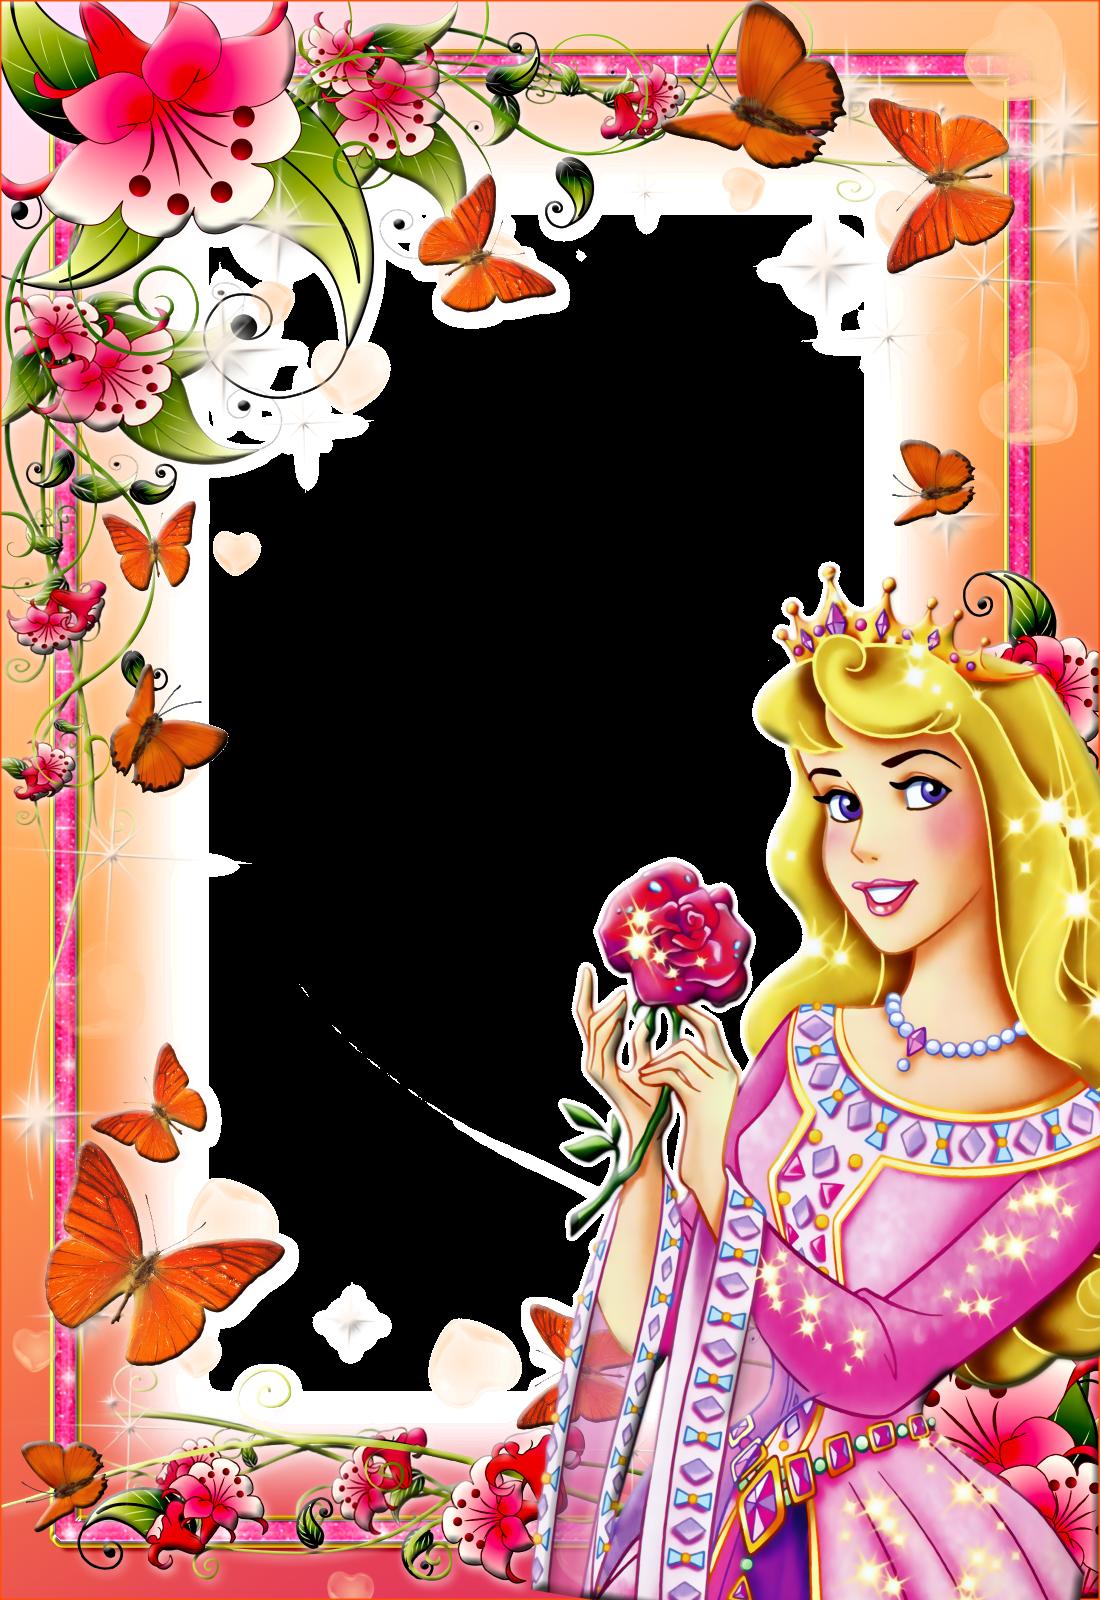 Imagens para photoshop: frames PNG fotos princesas disney ...